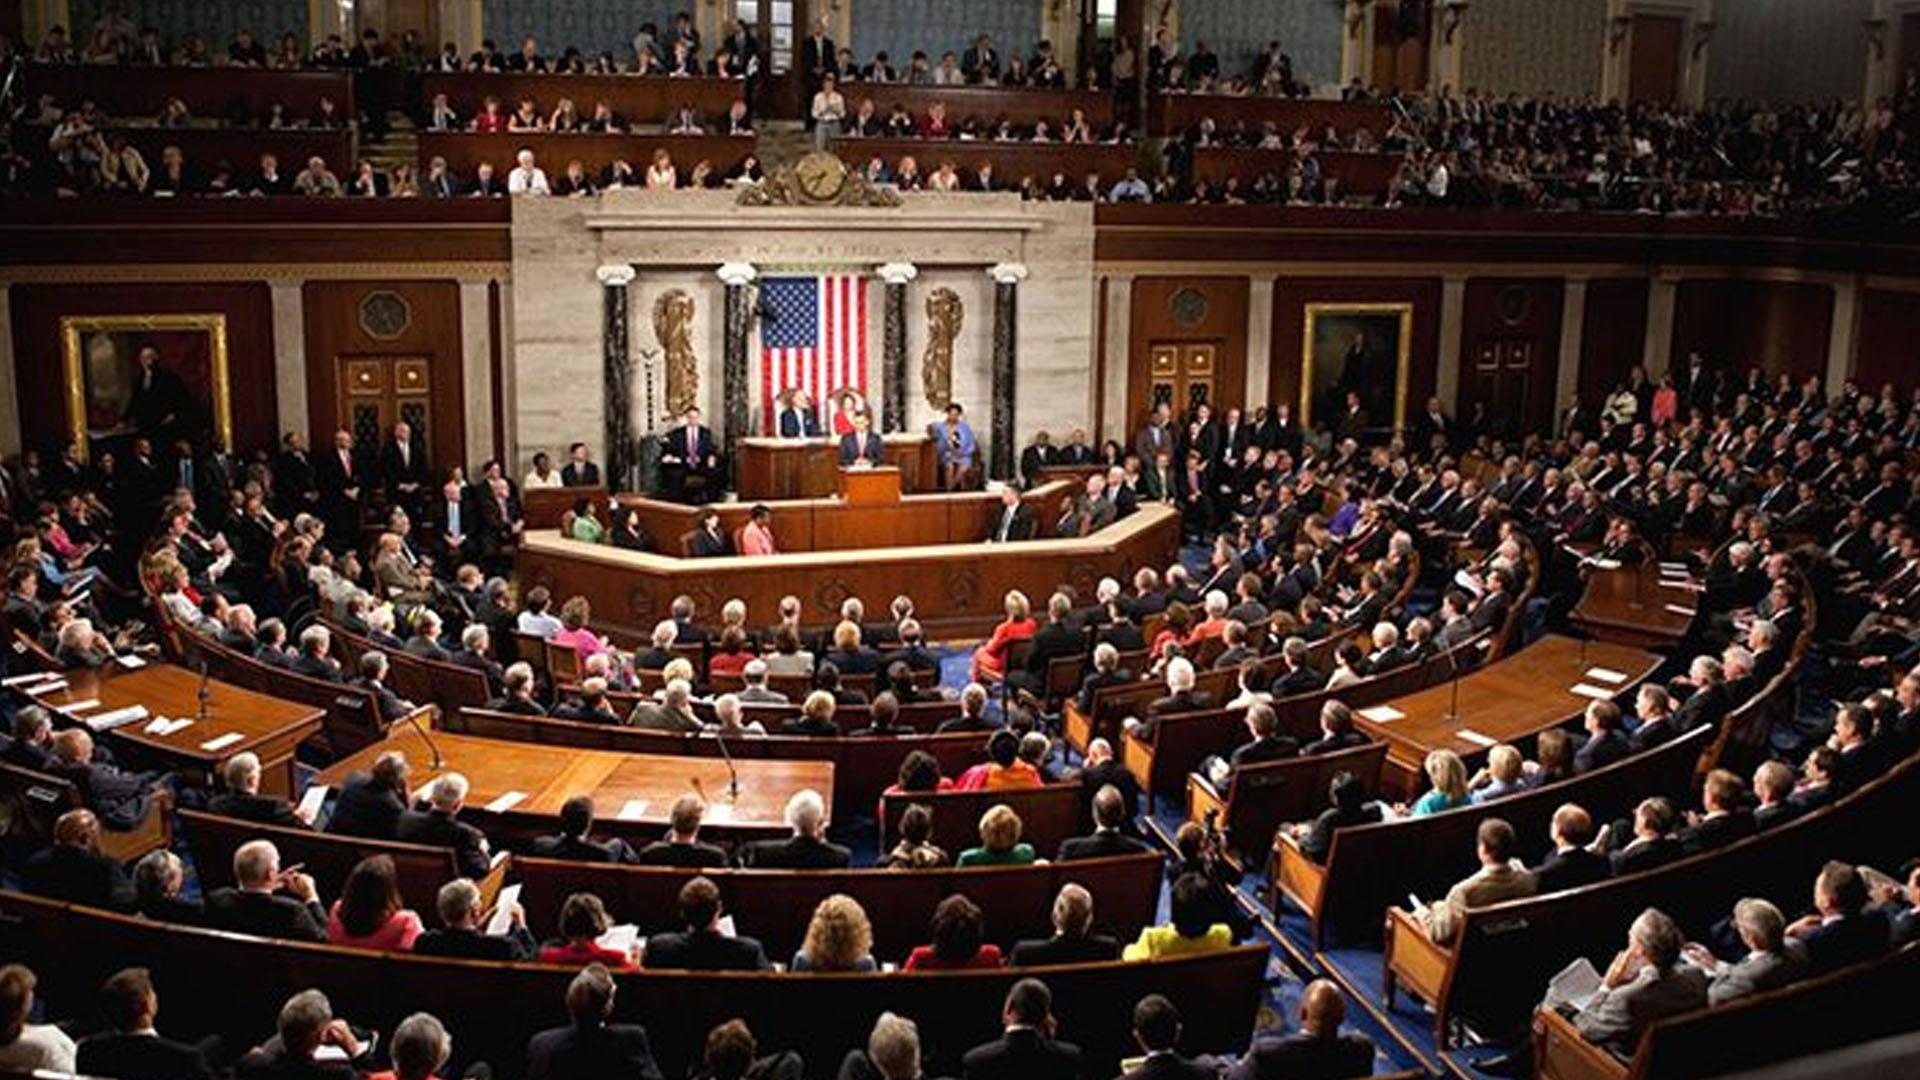 ABD Temsilciler Meclisi, Trump'ın Suriye'nin kuzeyinden asker çekme kararına karşı çıkan tasarıyı onayladı